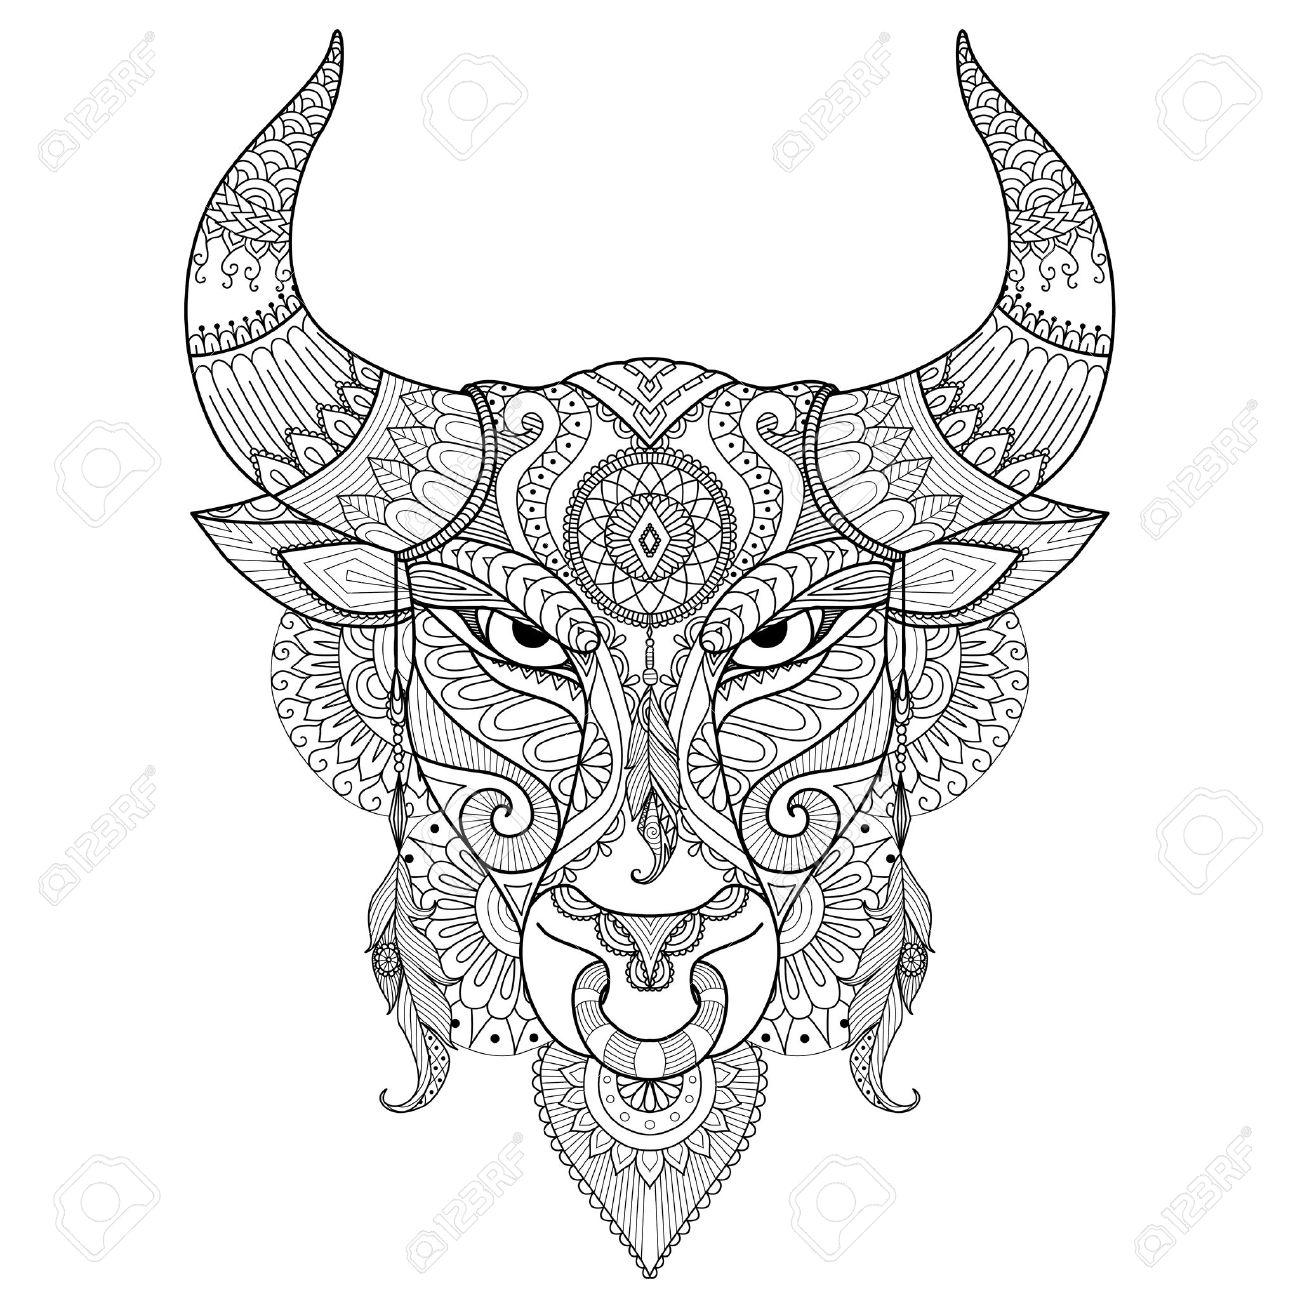 Dibujo Enojado Del Toro Para Colorear Tatuaje Diseño De La Camiseta Y Otra Decoración